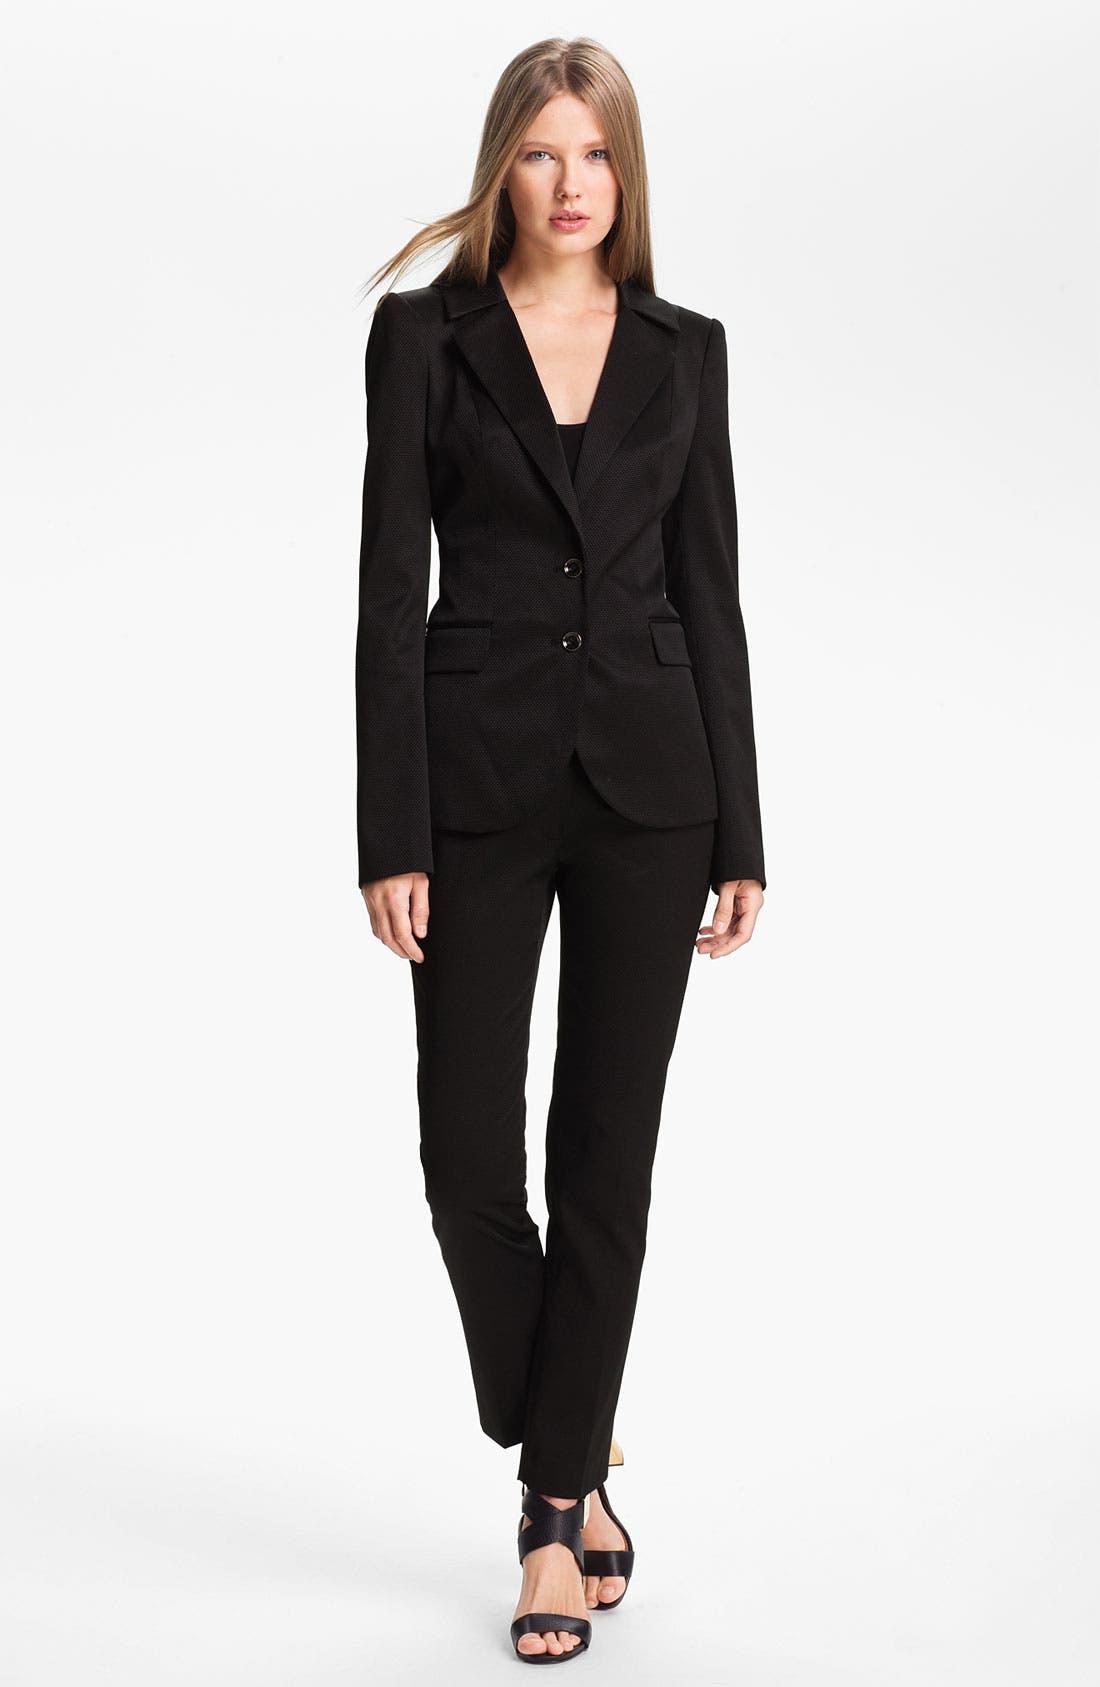 Alternate Image 1 Selected - Rachel Zoe 'Bryce' High Collar Blazer